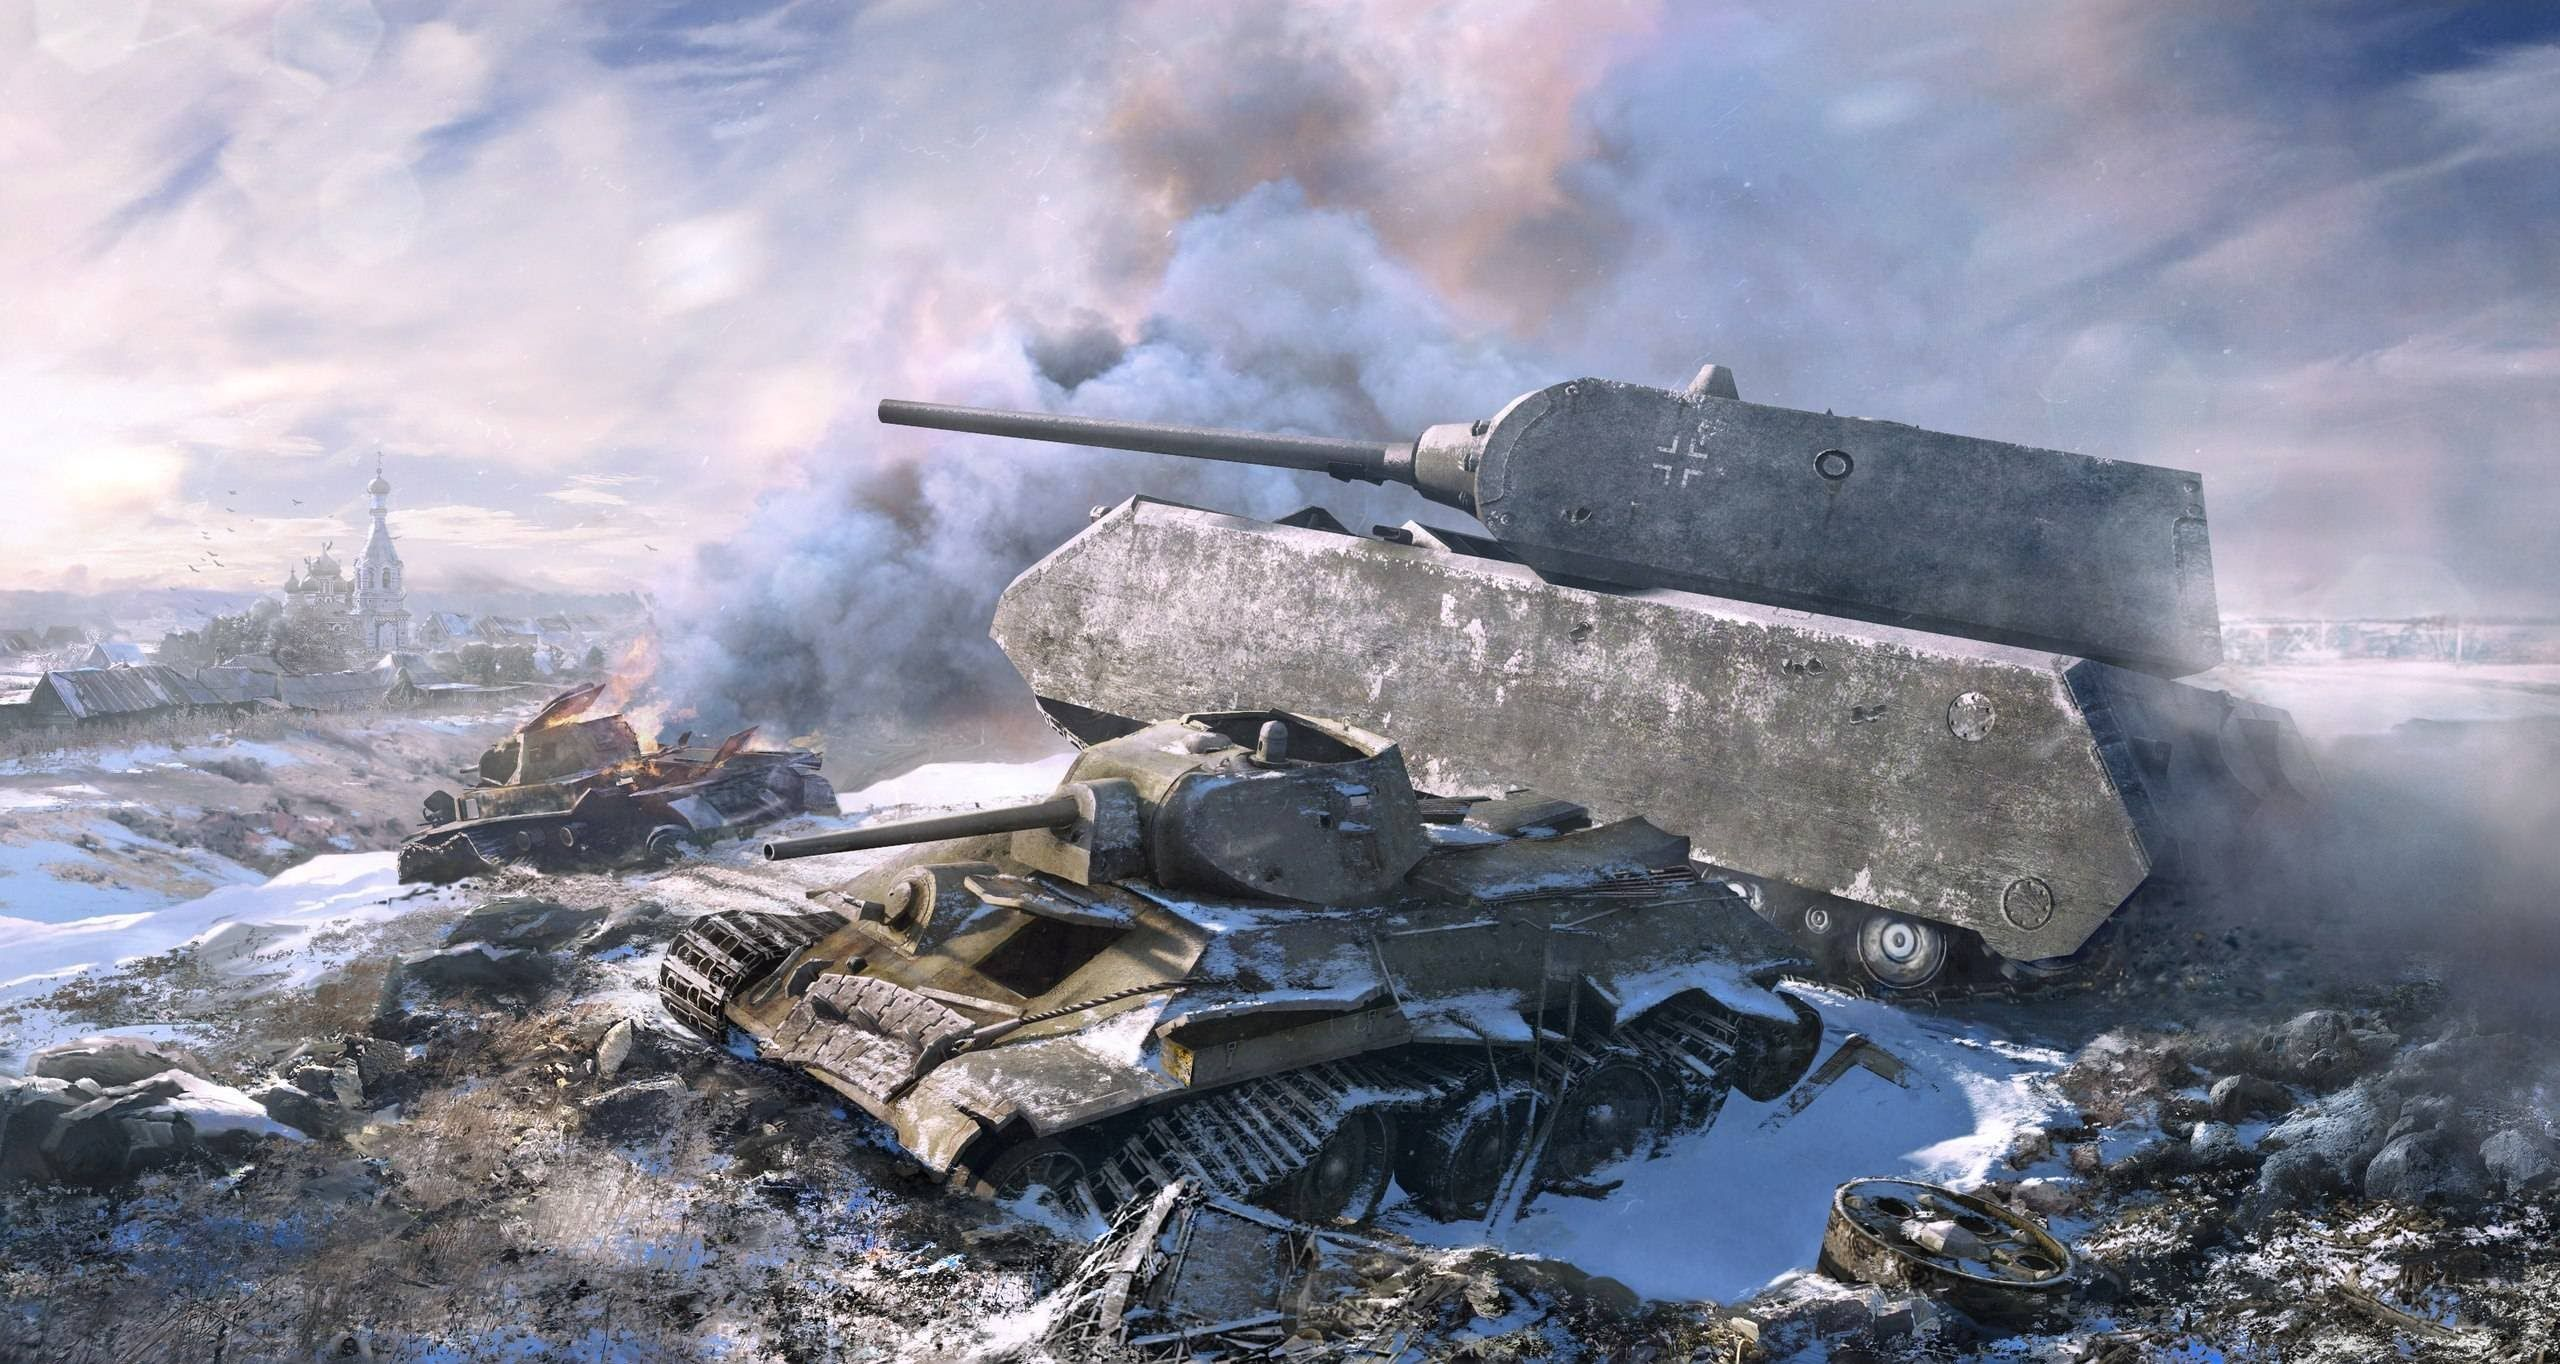 En 1941, Hitler encargó el diseño del tanque más pesado de la historia, ¿ qué nombre tenía este titán de acero ?